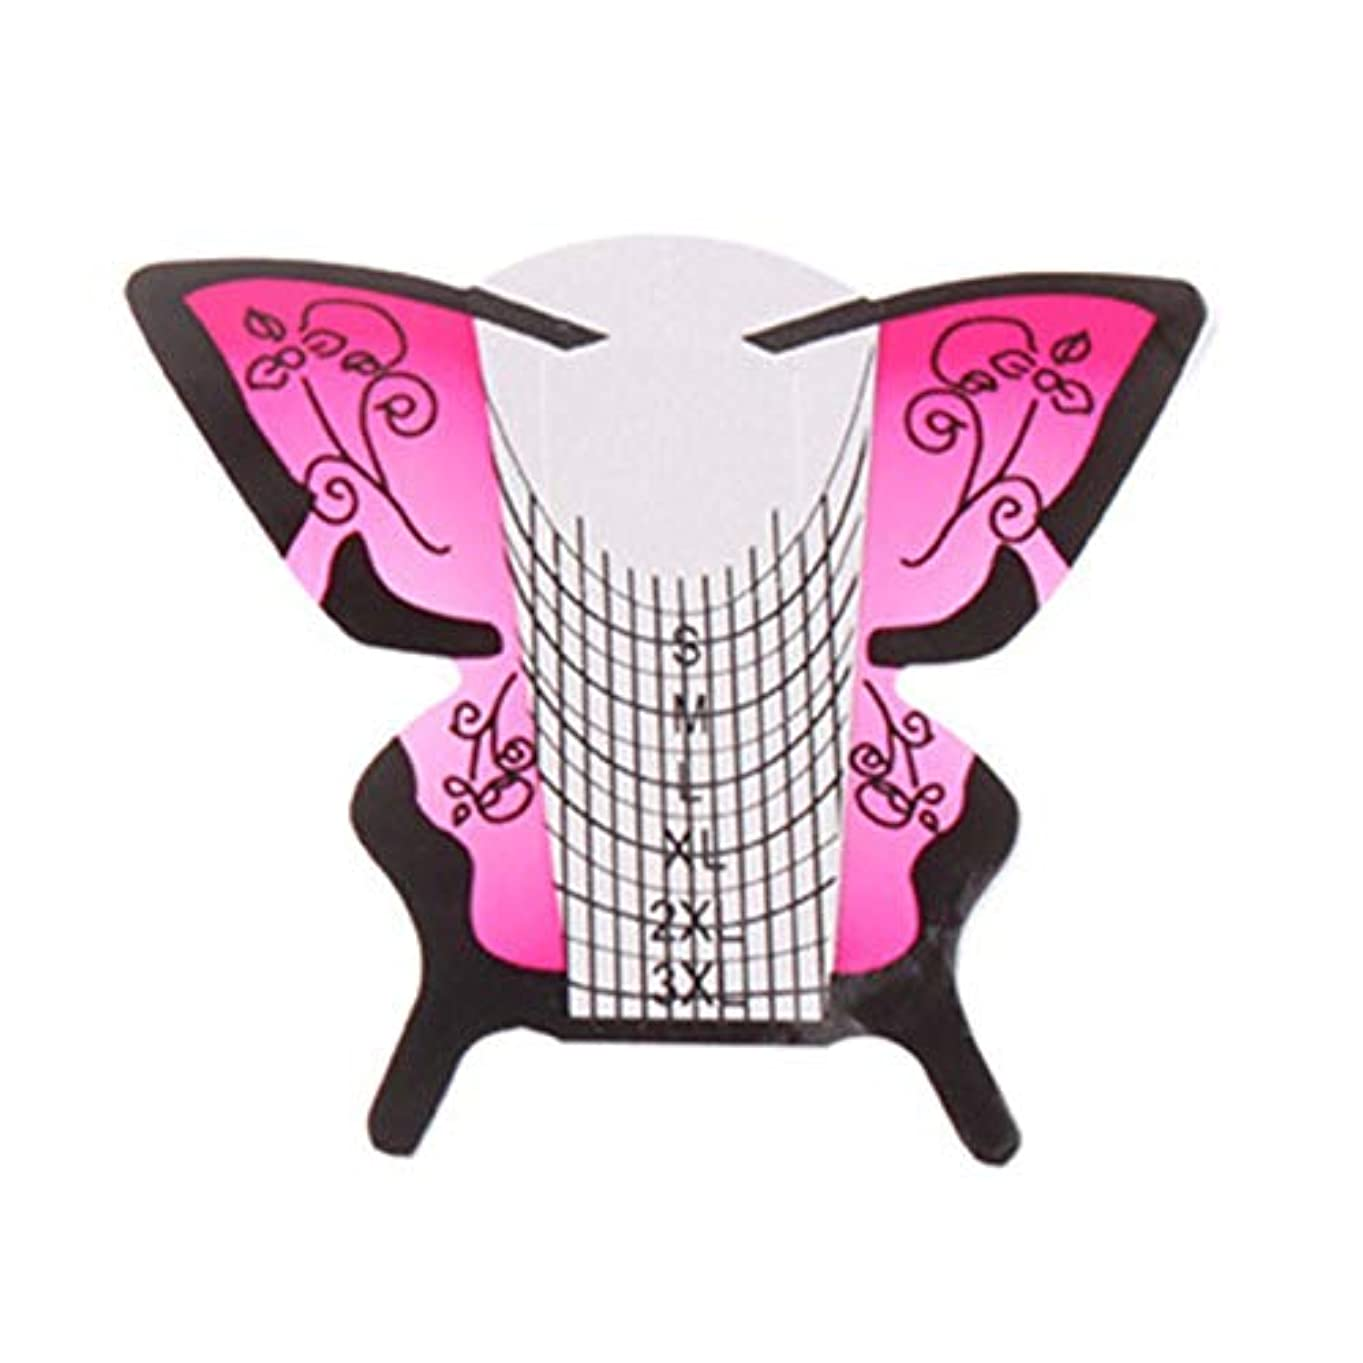 サンドイッチステーキ光景ACAMPTAR 300個/ロール ネイルアートフォーム蝶彫刻のヒントステッカーガイド拡張アクリルUVジェルツール 給紙トレイB